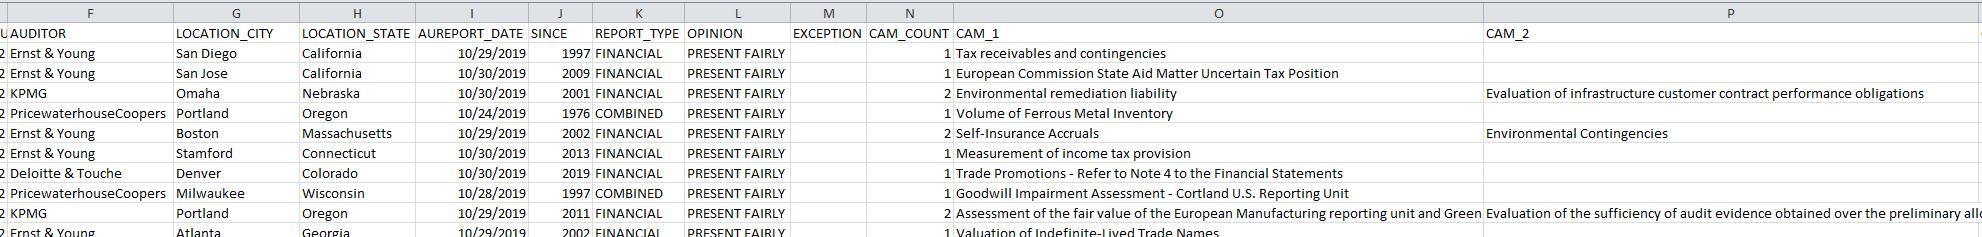 CAM_summary